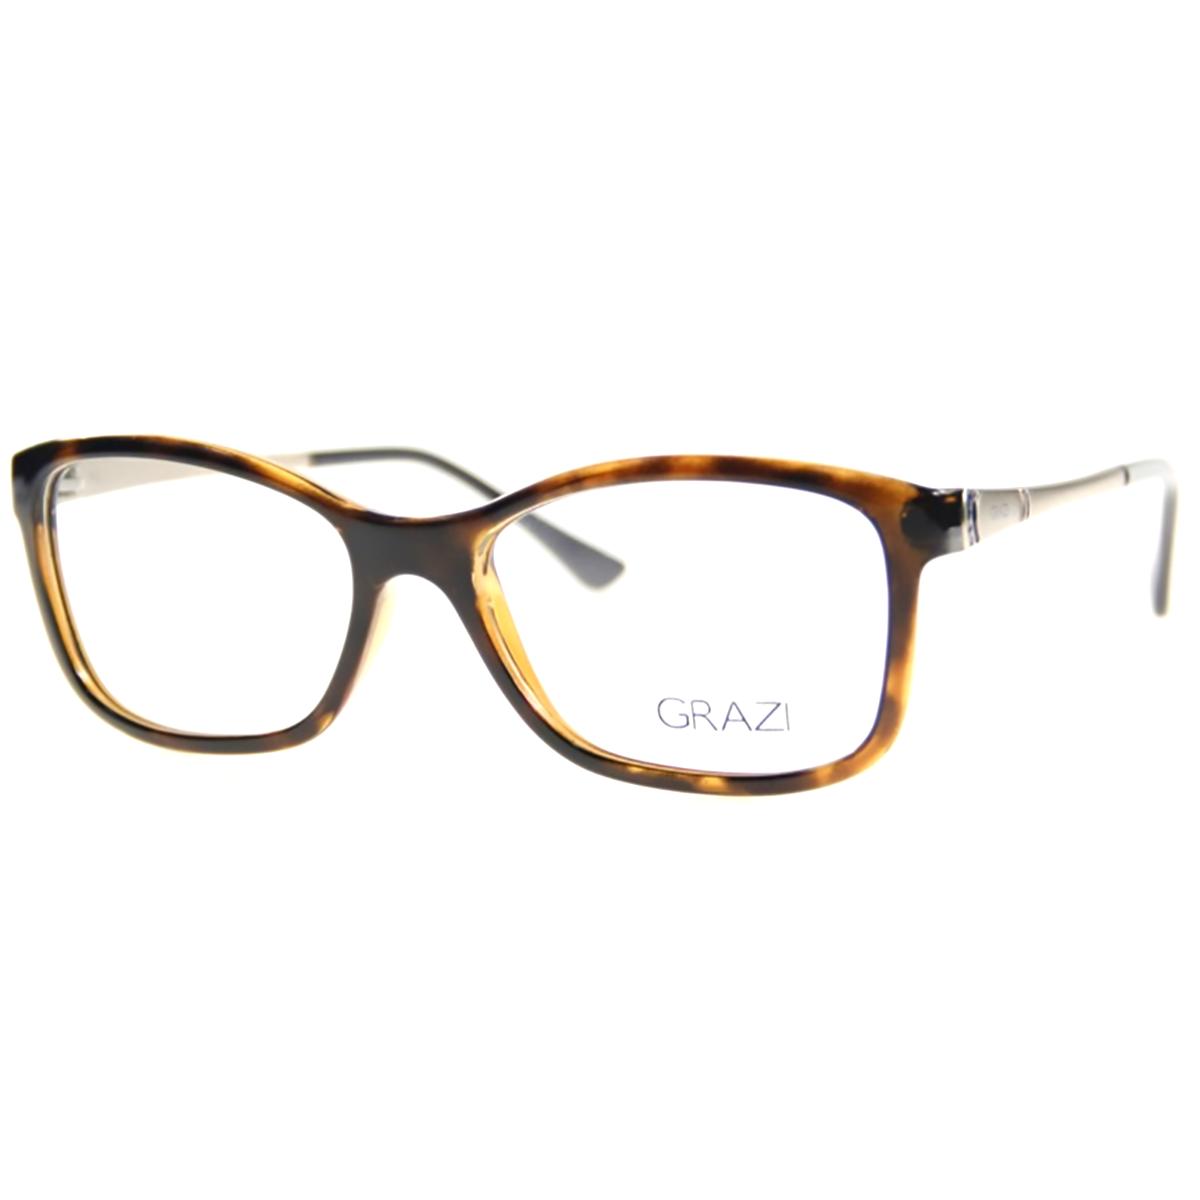 Compre Óculos de Grau Grazi Massafera em 10X   Tri-Jóia Shop 43aba32606